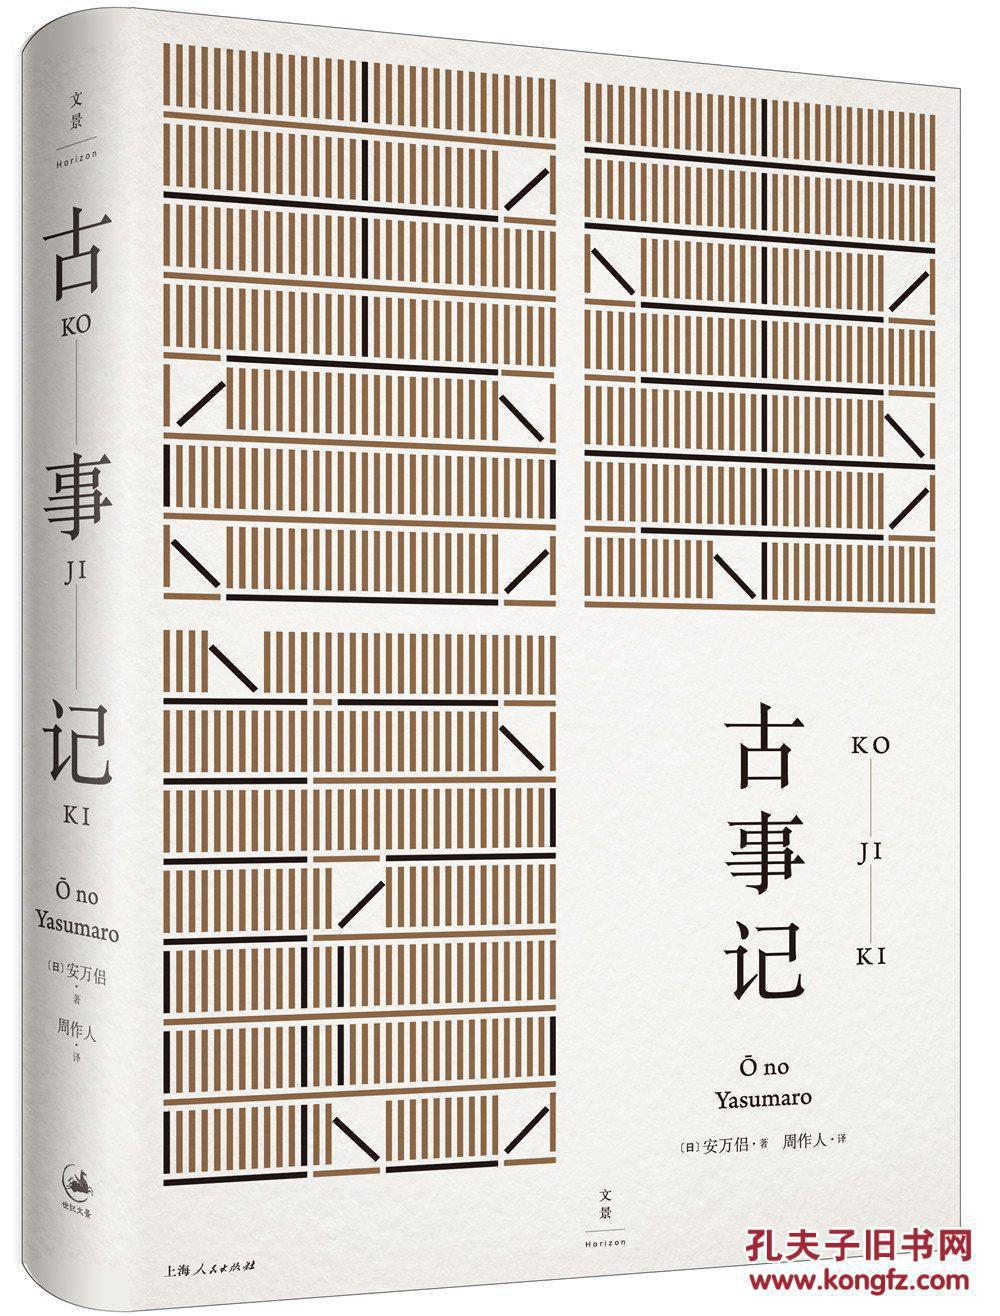 四本,分草子:日本文字典范之随笔《枕别为》日本第一部文学sm情趣暴露狂经历图片